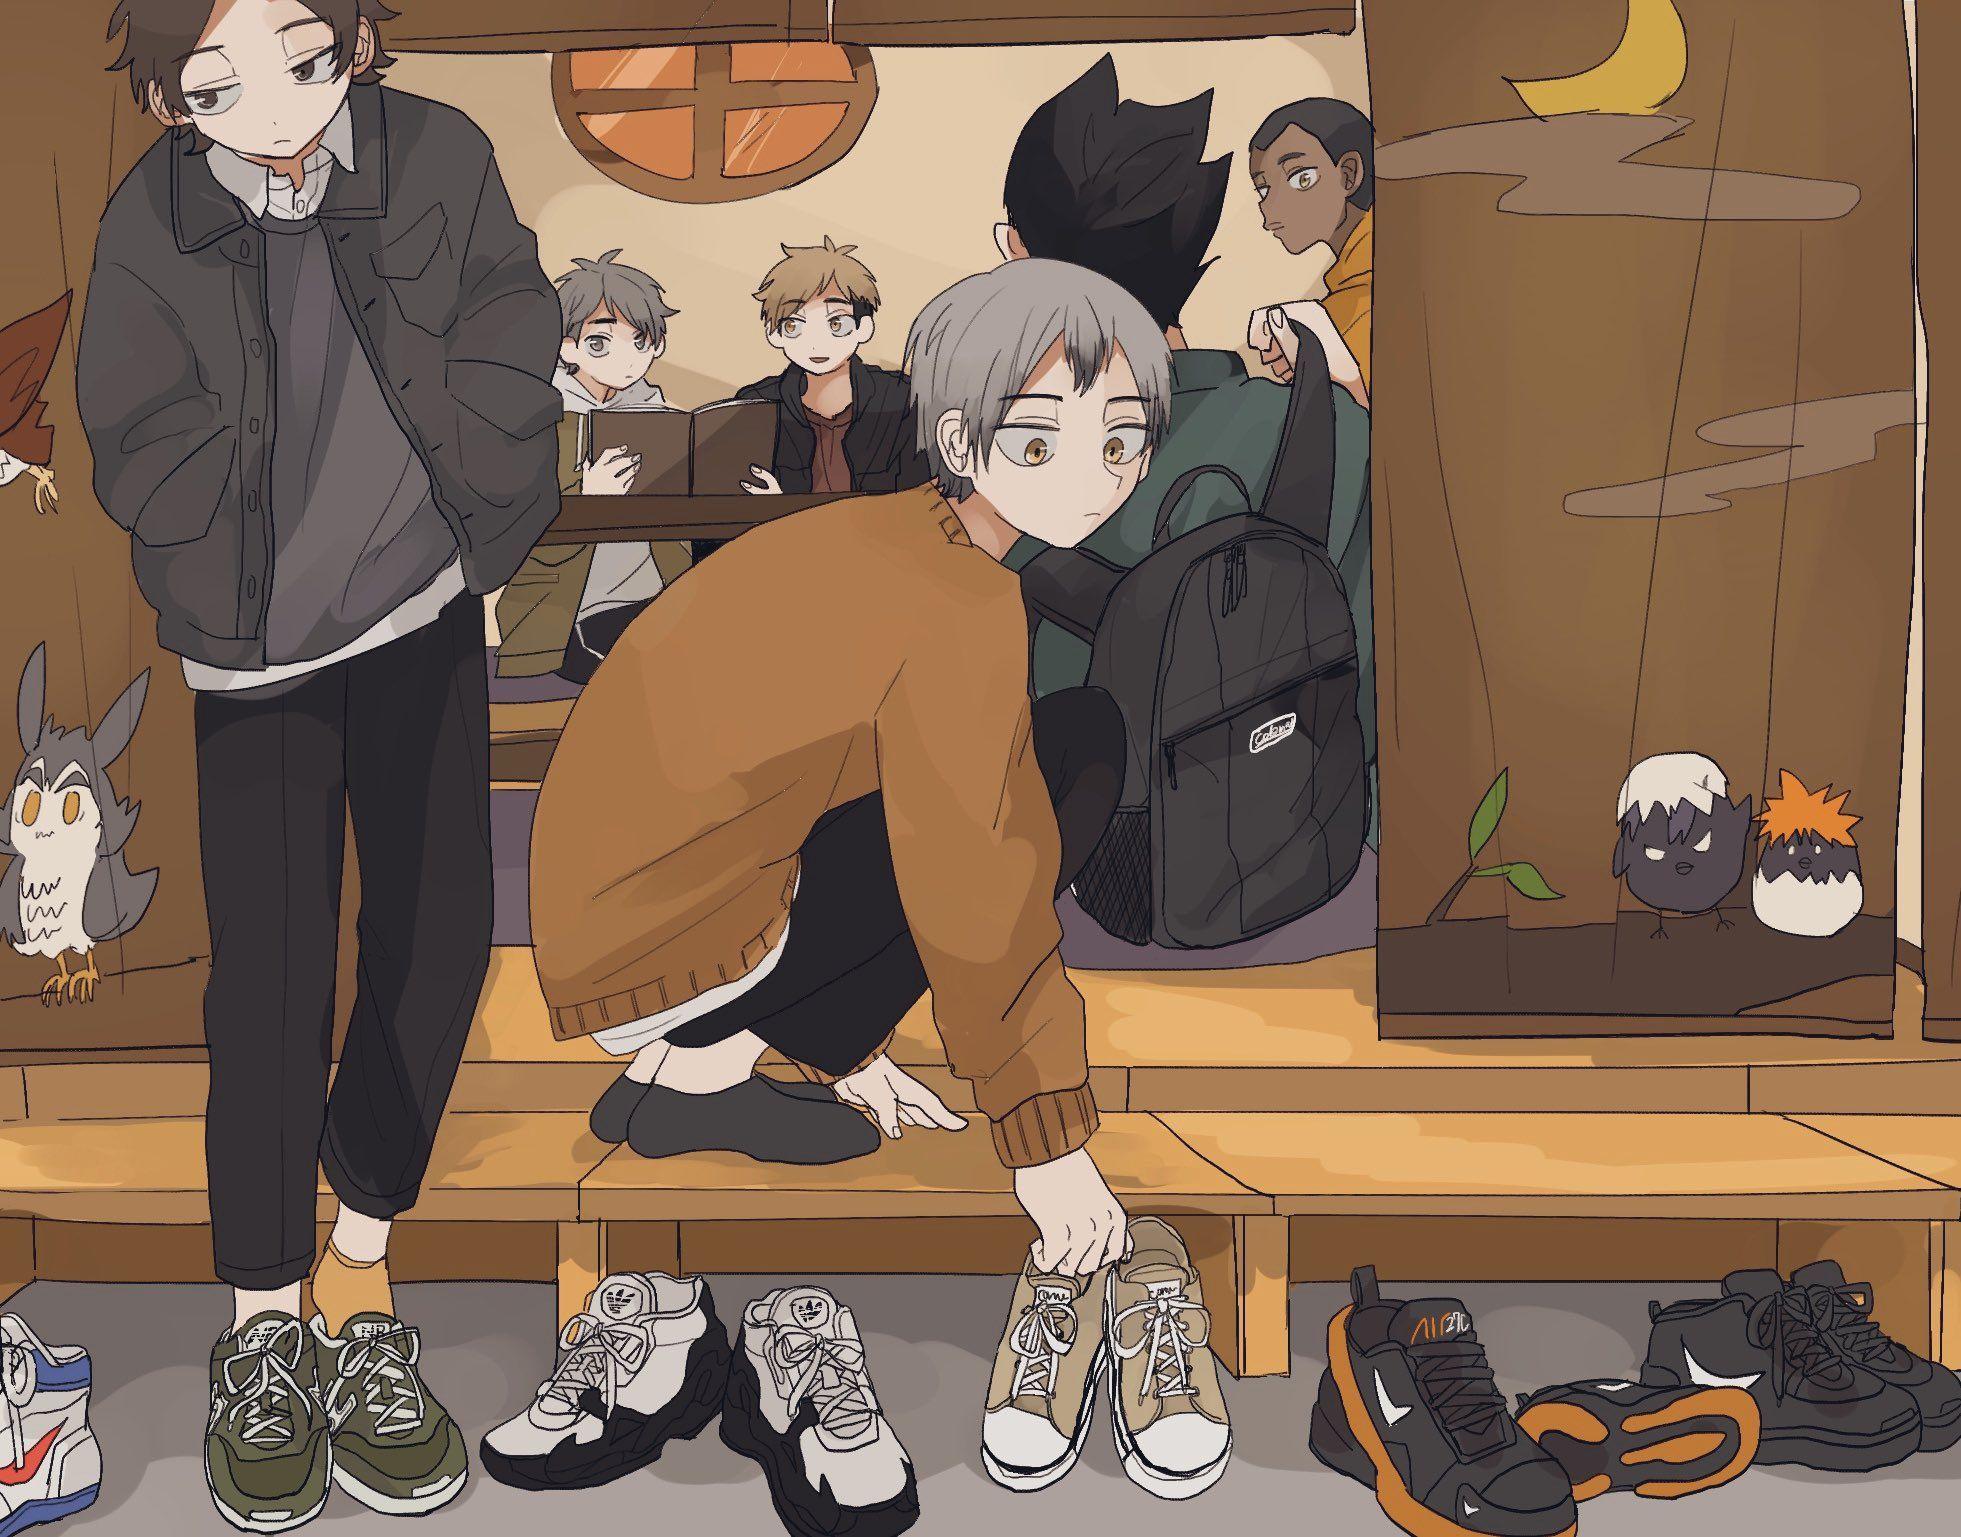 Twitter In 2020 Haikyuu Anime Haikyuu Anime